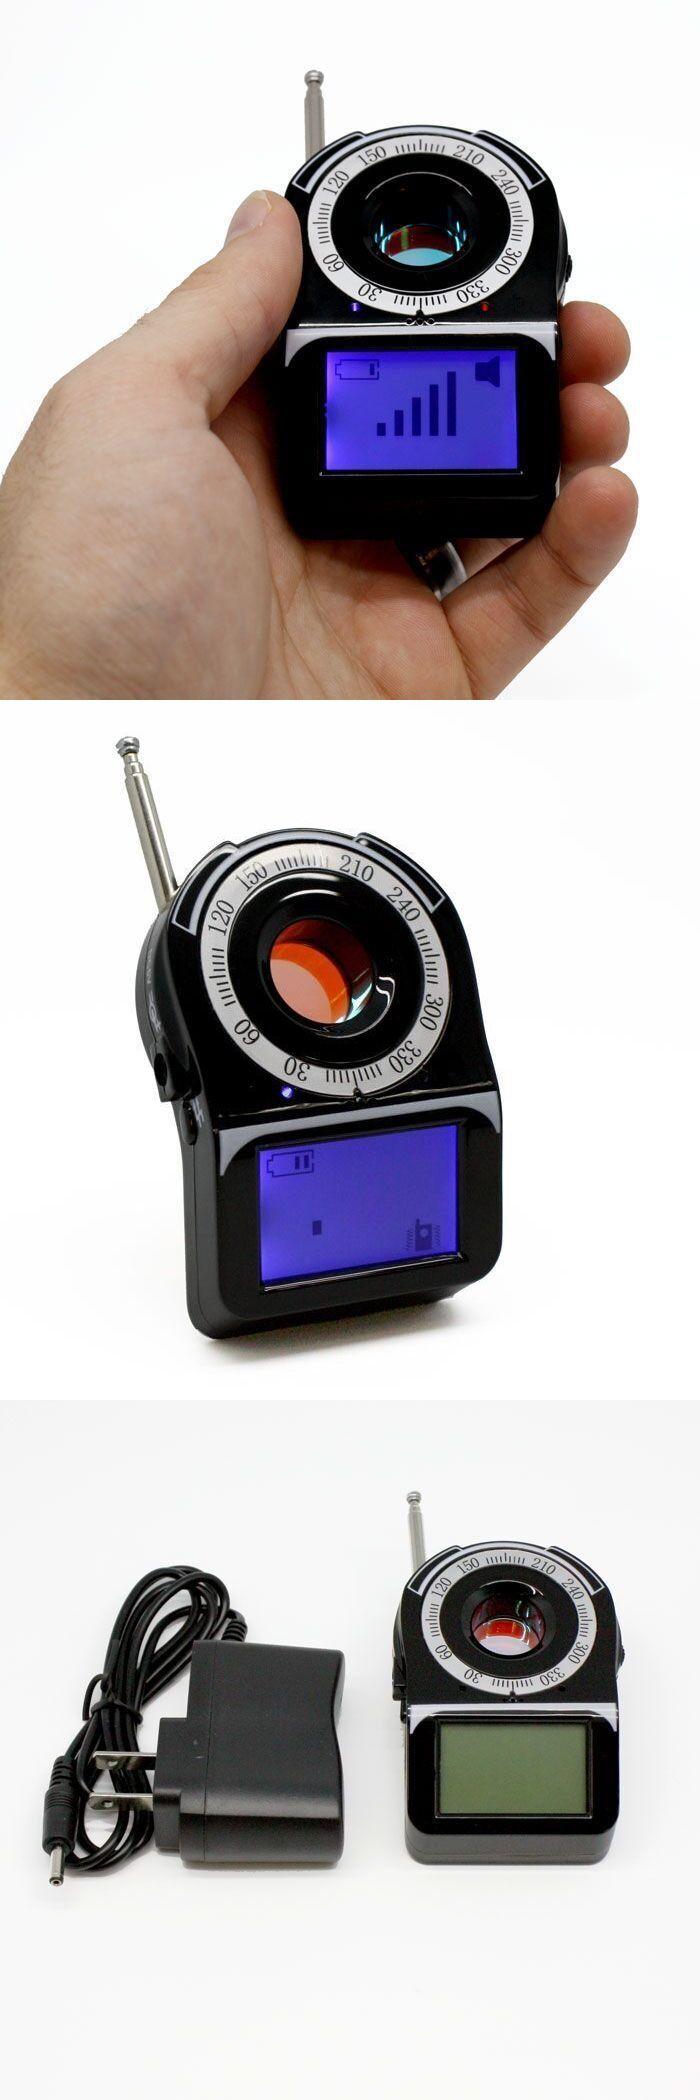 Using hidden cameras-5383